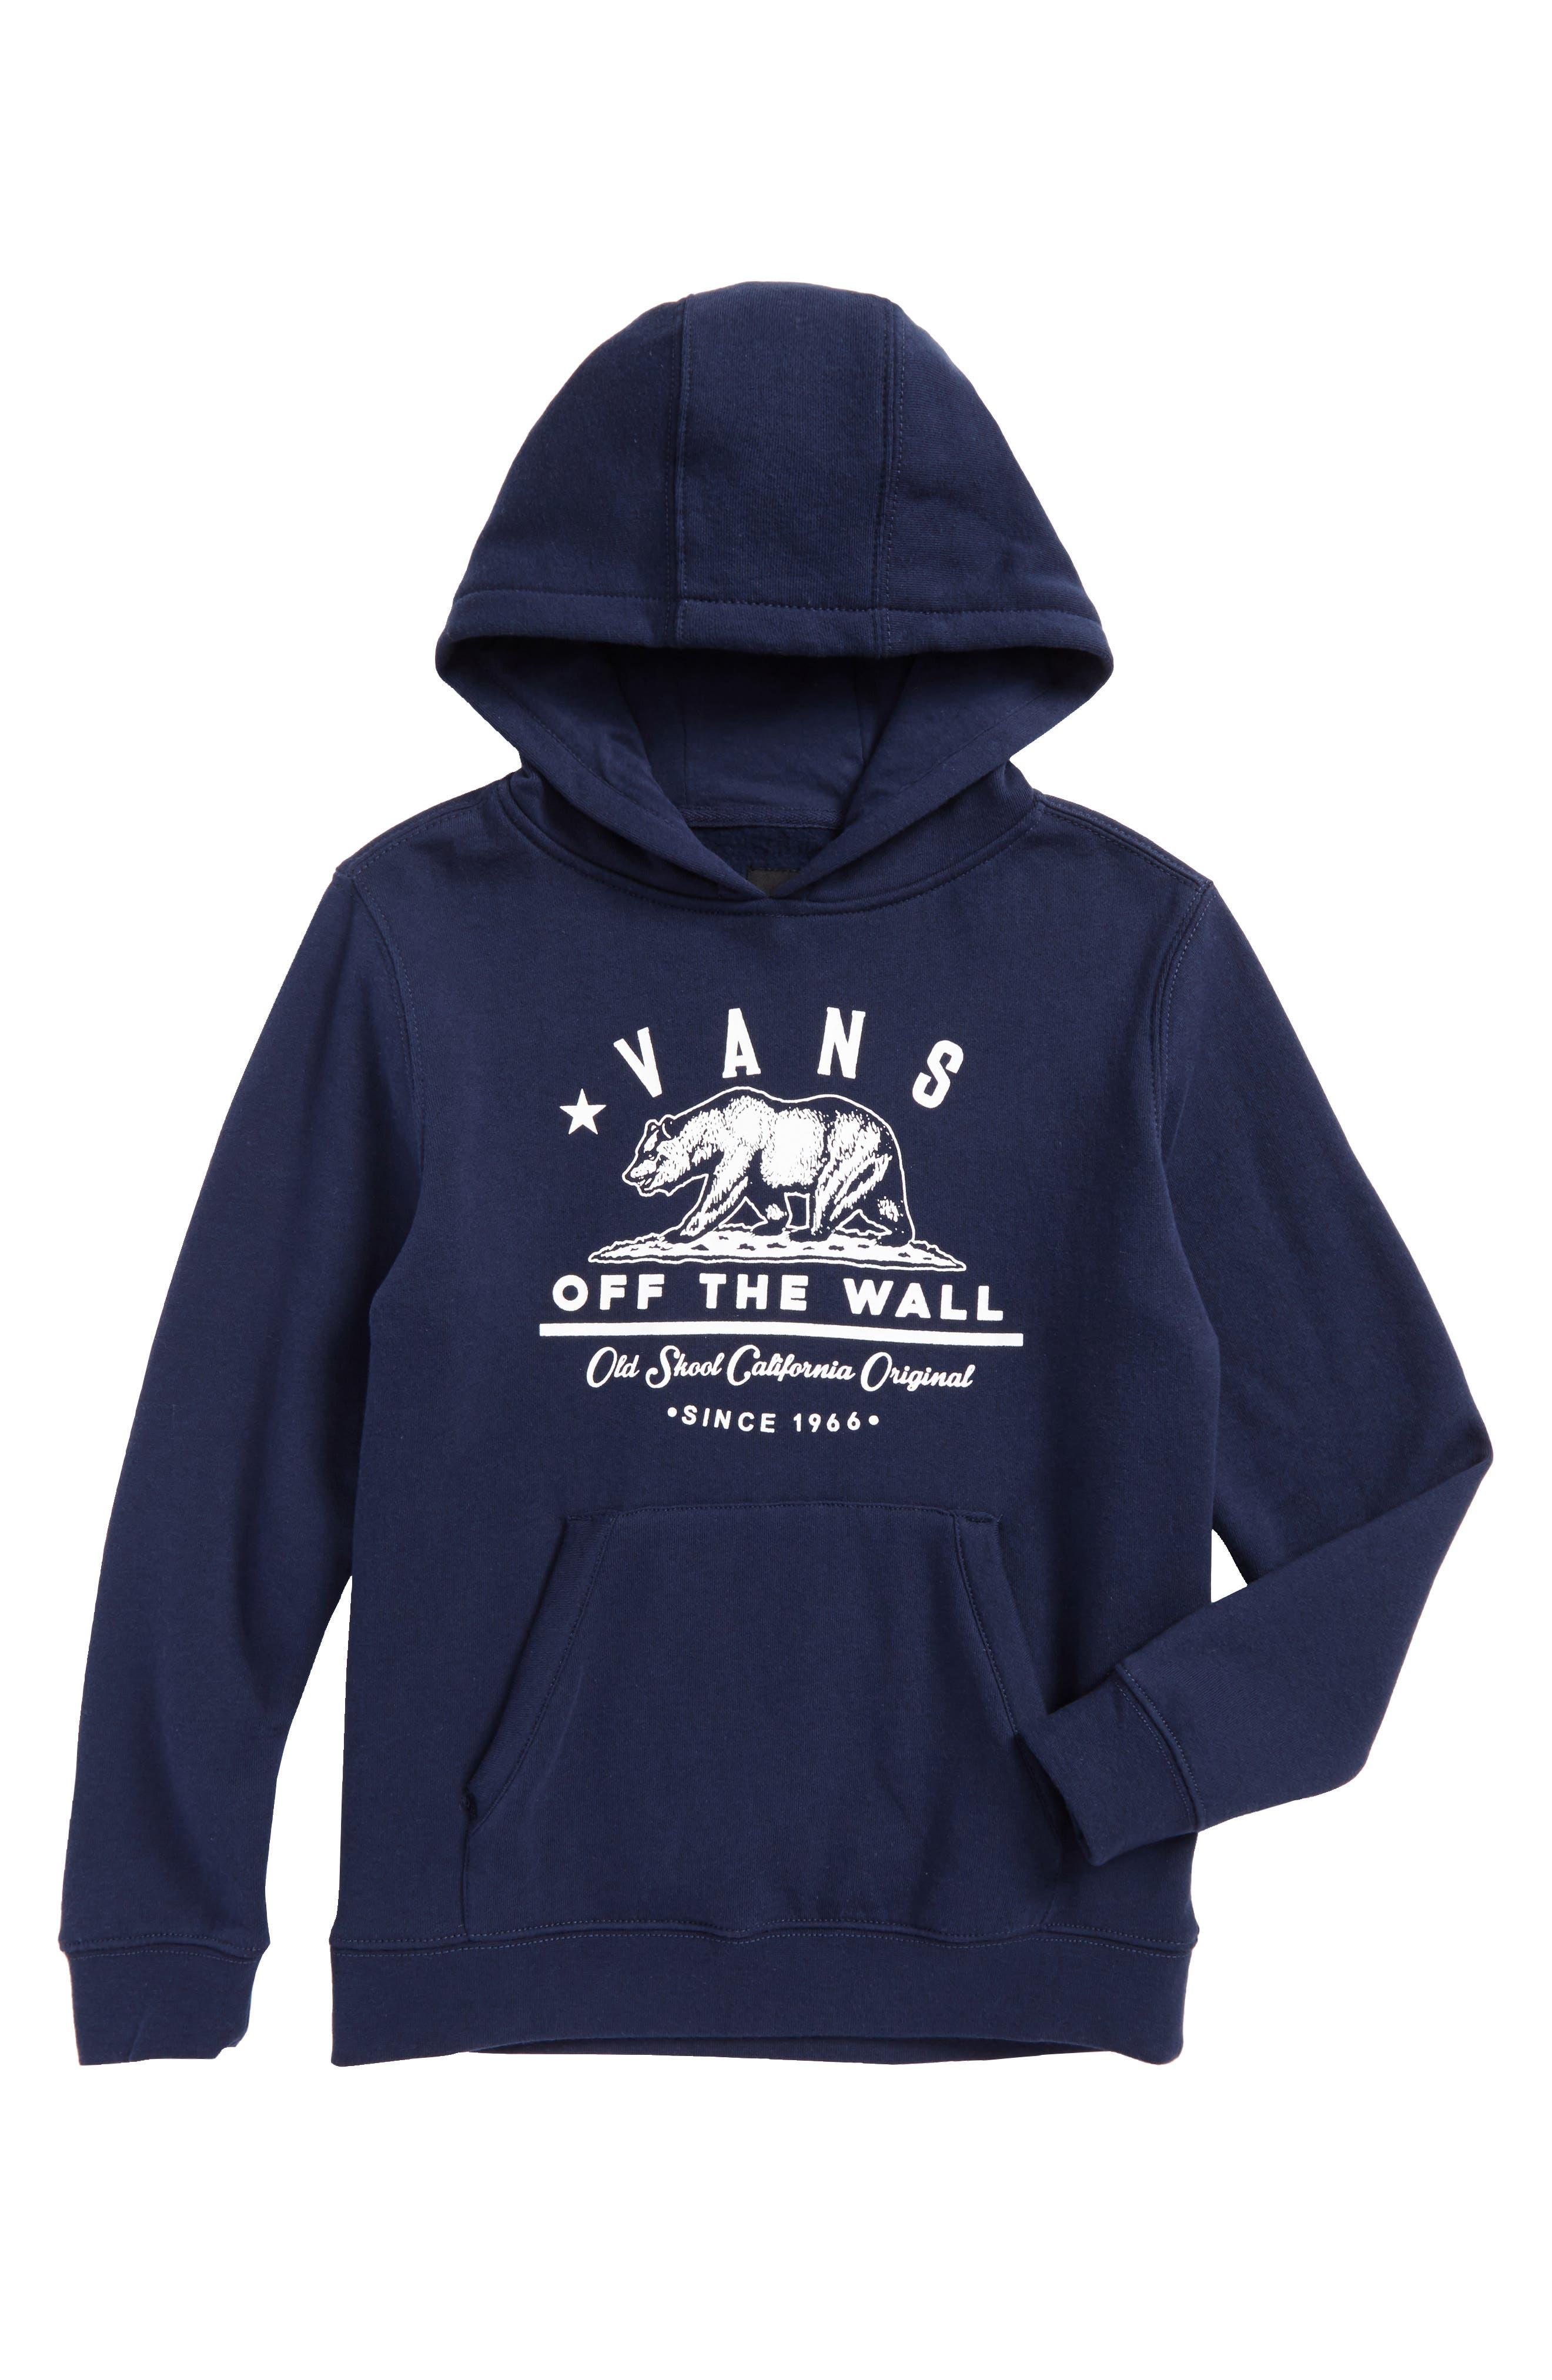 Alternate Image 1 Selected - Vans Old Skool Cali Bear Graphic Hoodie (Big Boys)